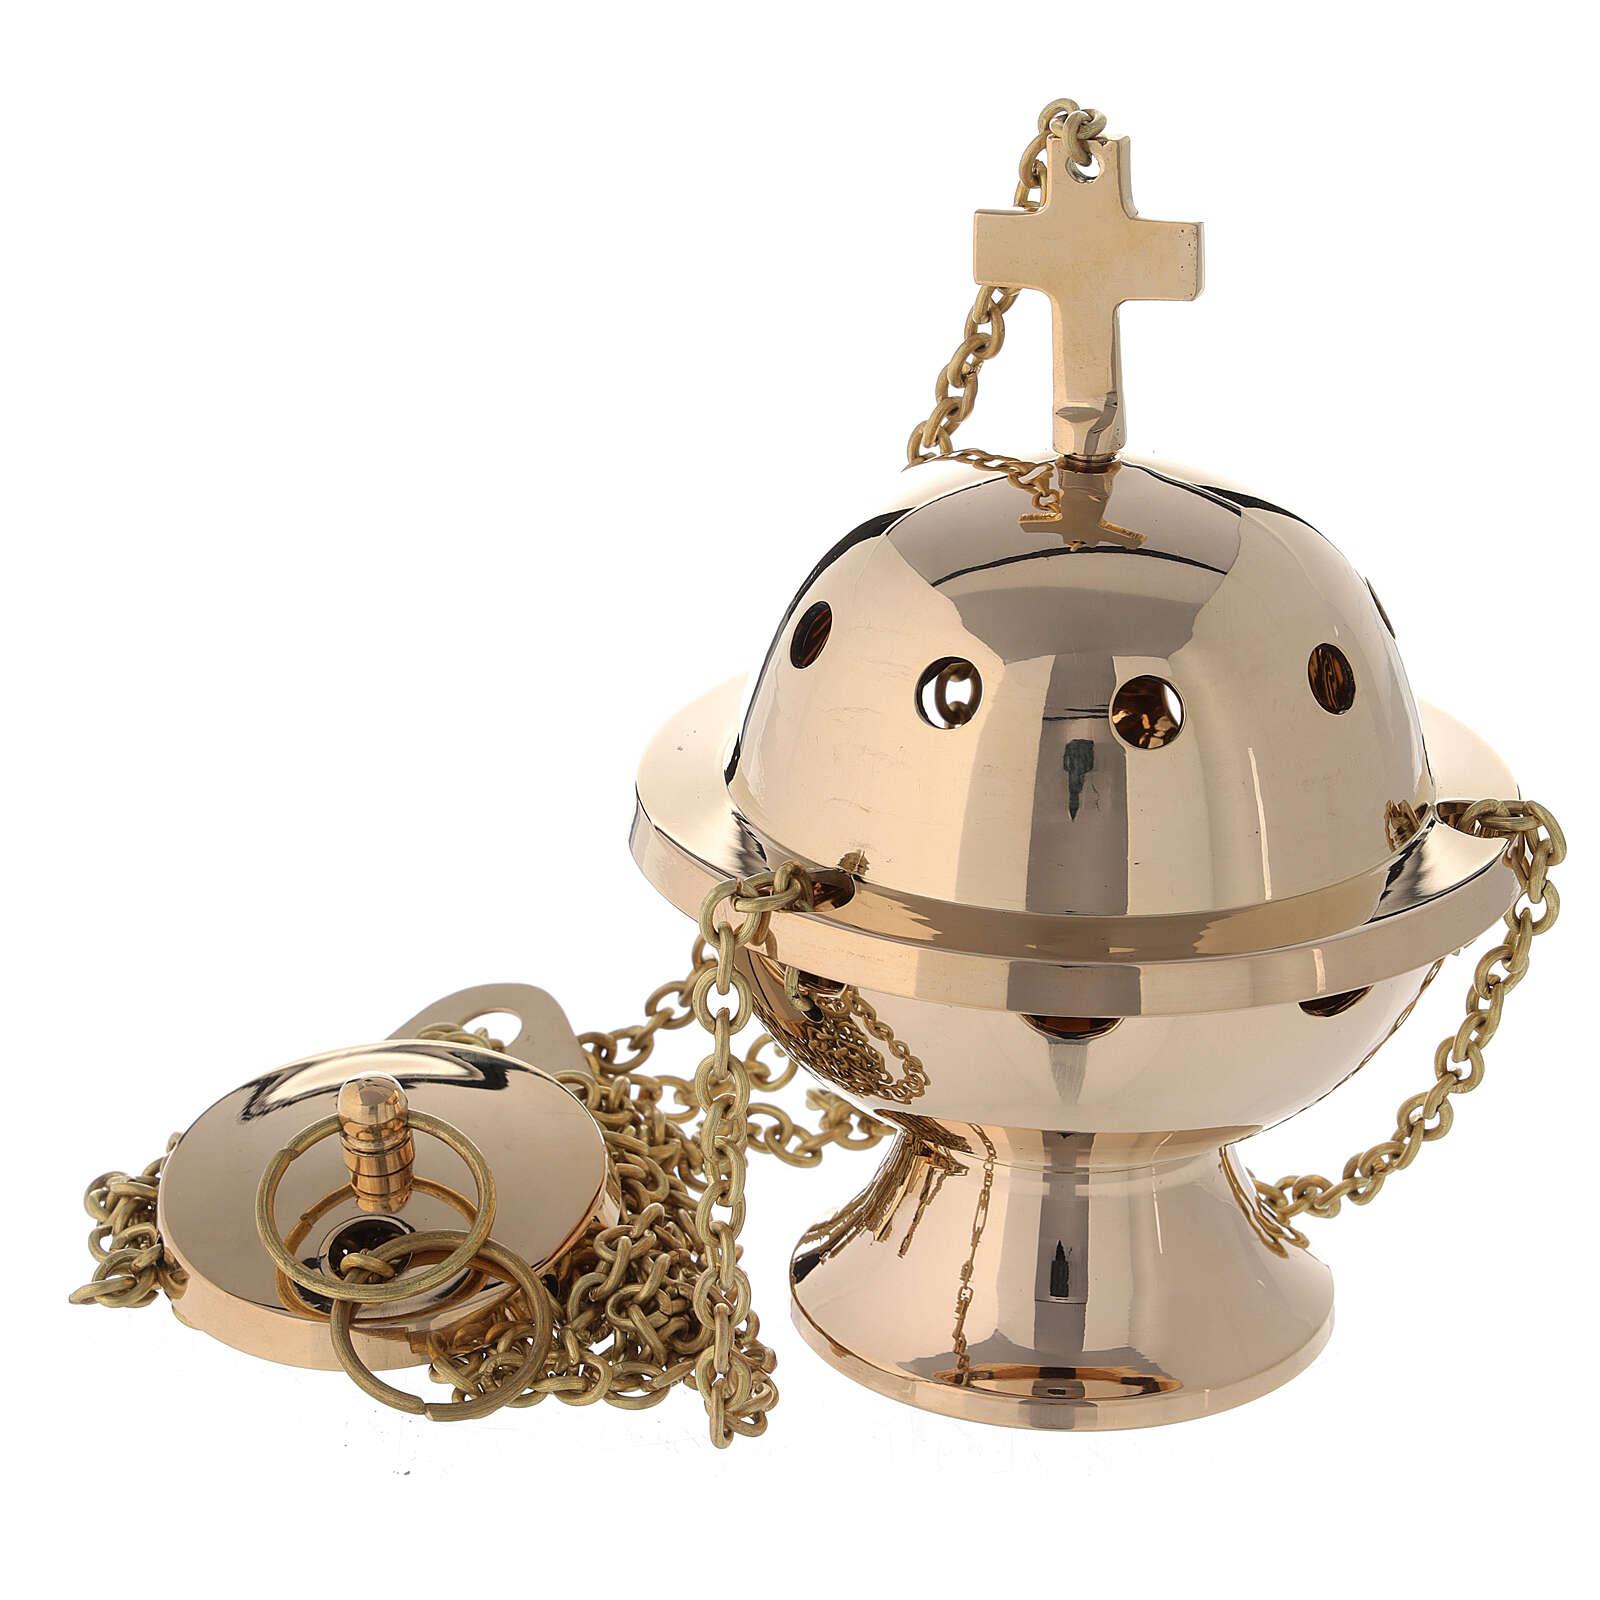 Turibolo ottone dorato sferico altezza 13 cm 3